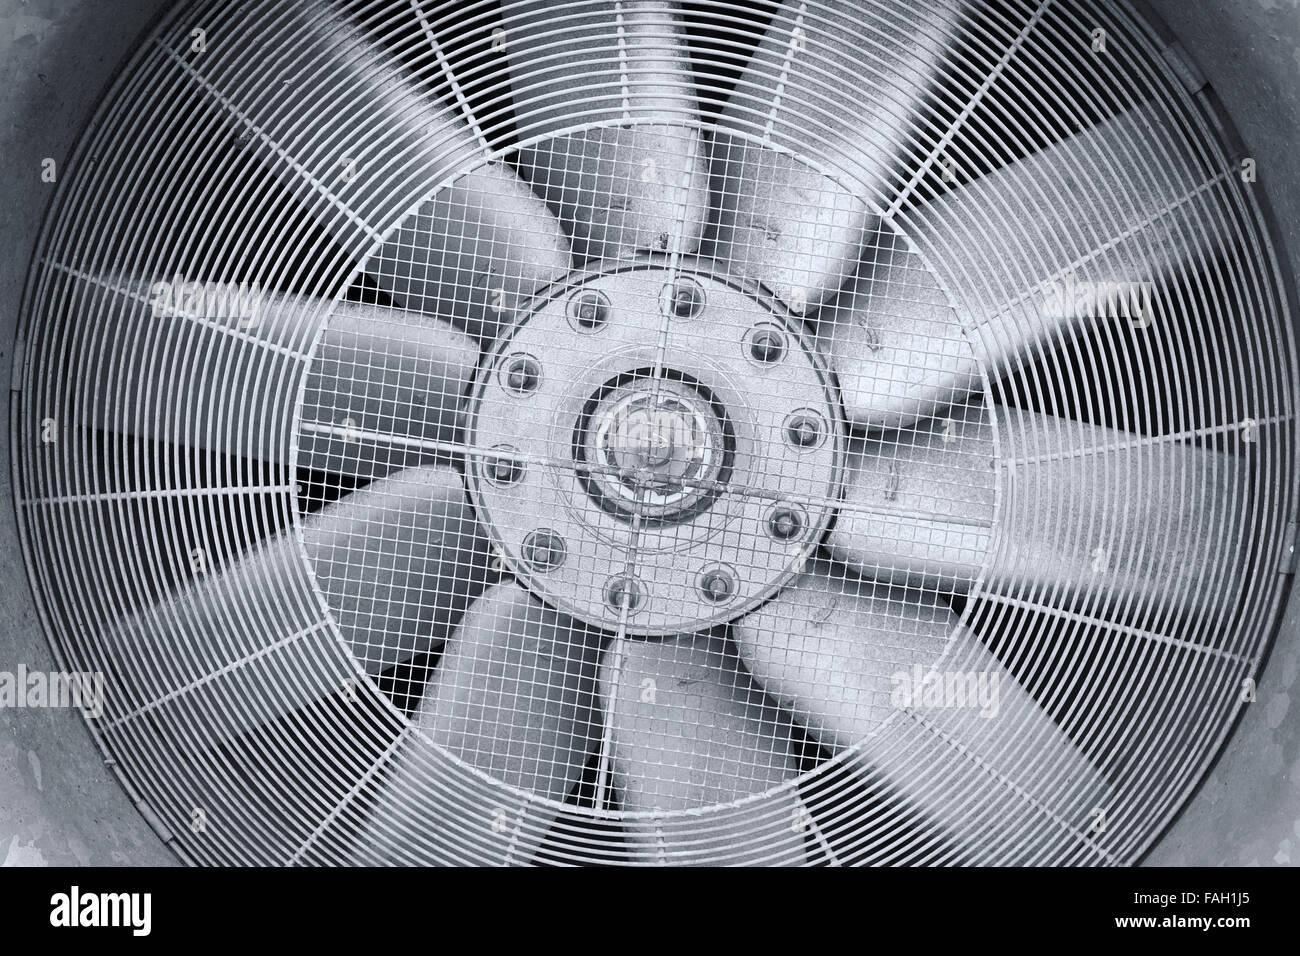 Industrielle Trocknungs-Ventilator Nahaufnahme. Stockbild